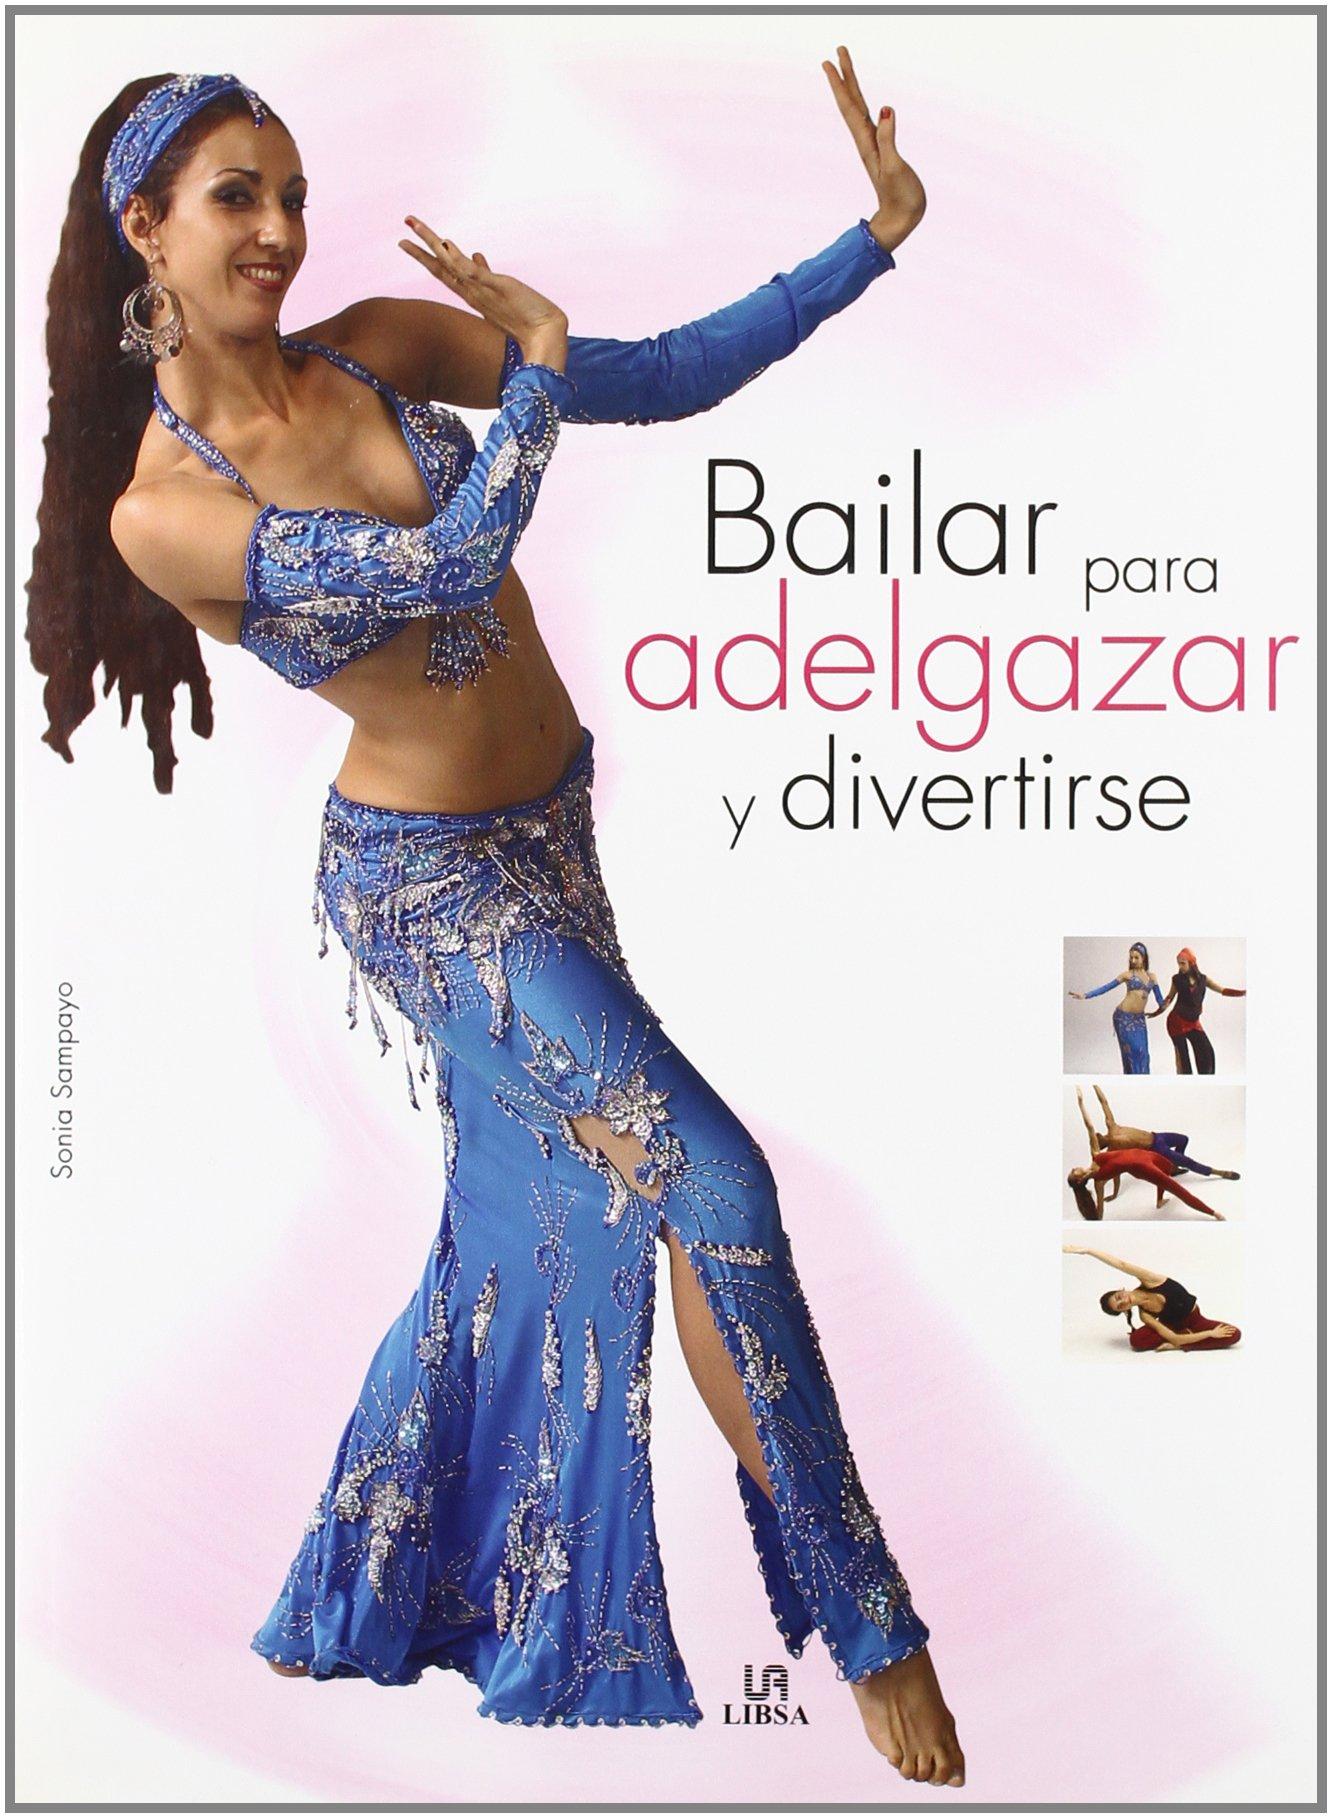 Bailes arabes para adelgazar